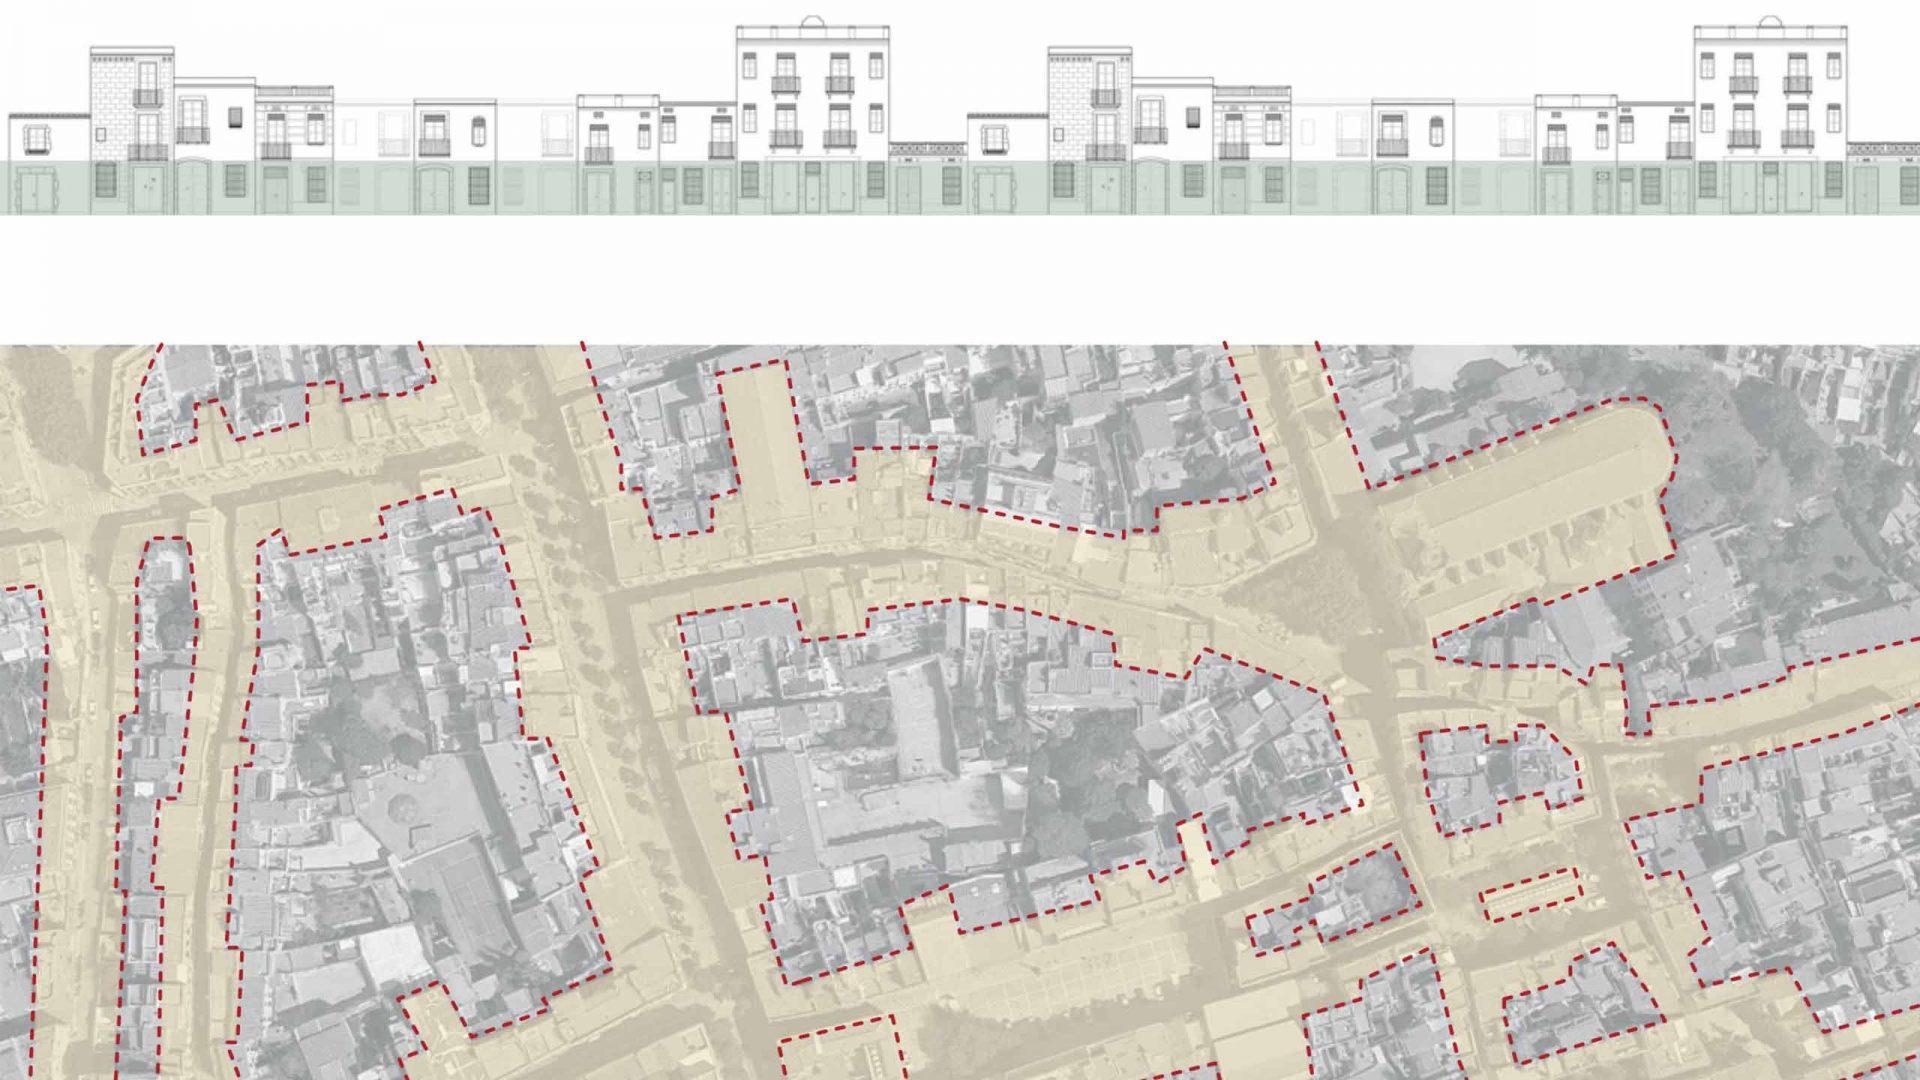 Estratègia de crear sinèrgies mitjançant l'extensió de l'espai públic a les plantes baixes d'alguns edificis.